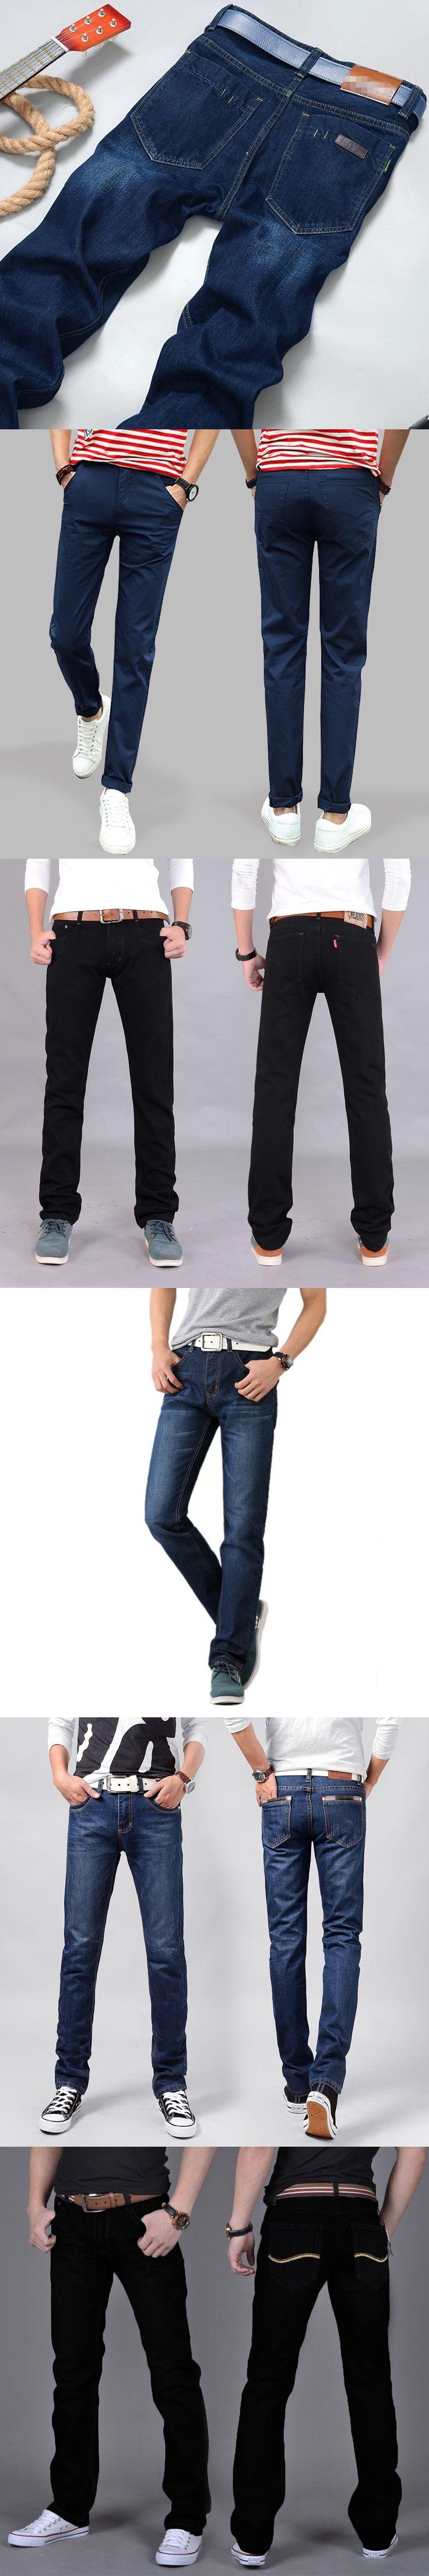 New Casual Men's Jeans Slim fit Men Pant Personality pockets Fashion Jeans Men Straight Plus Size 28~38/40 hombre pantalones